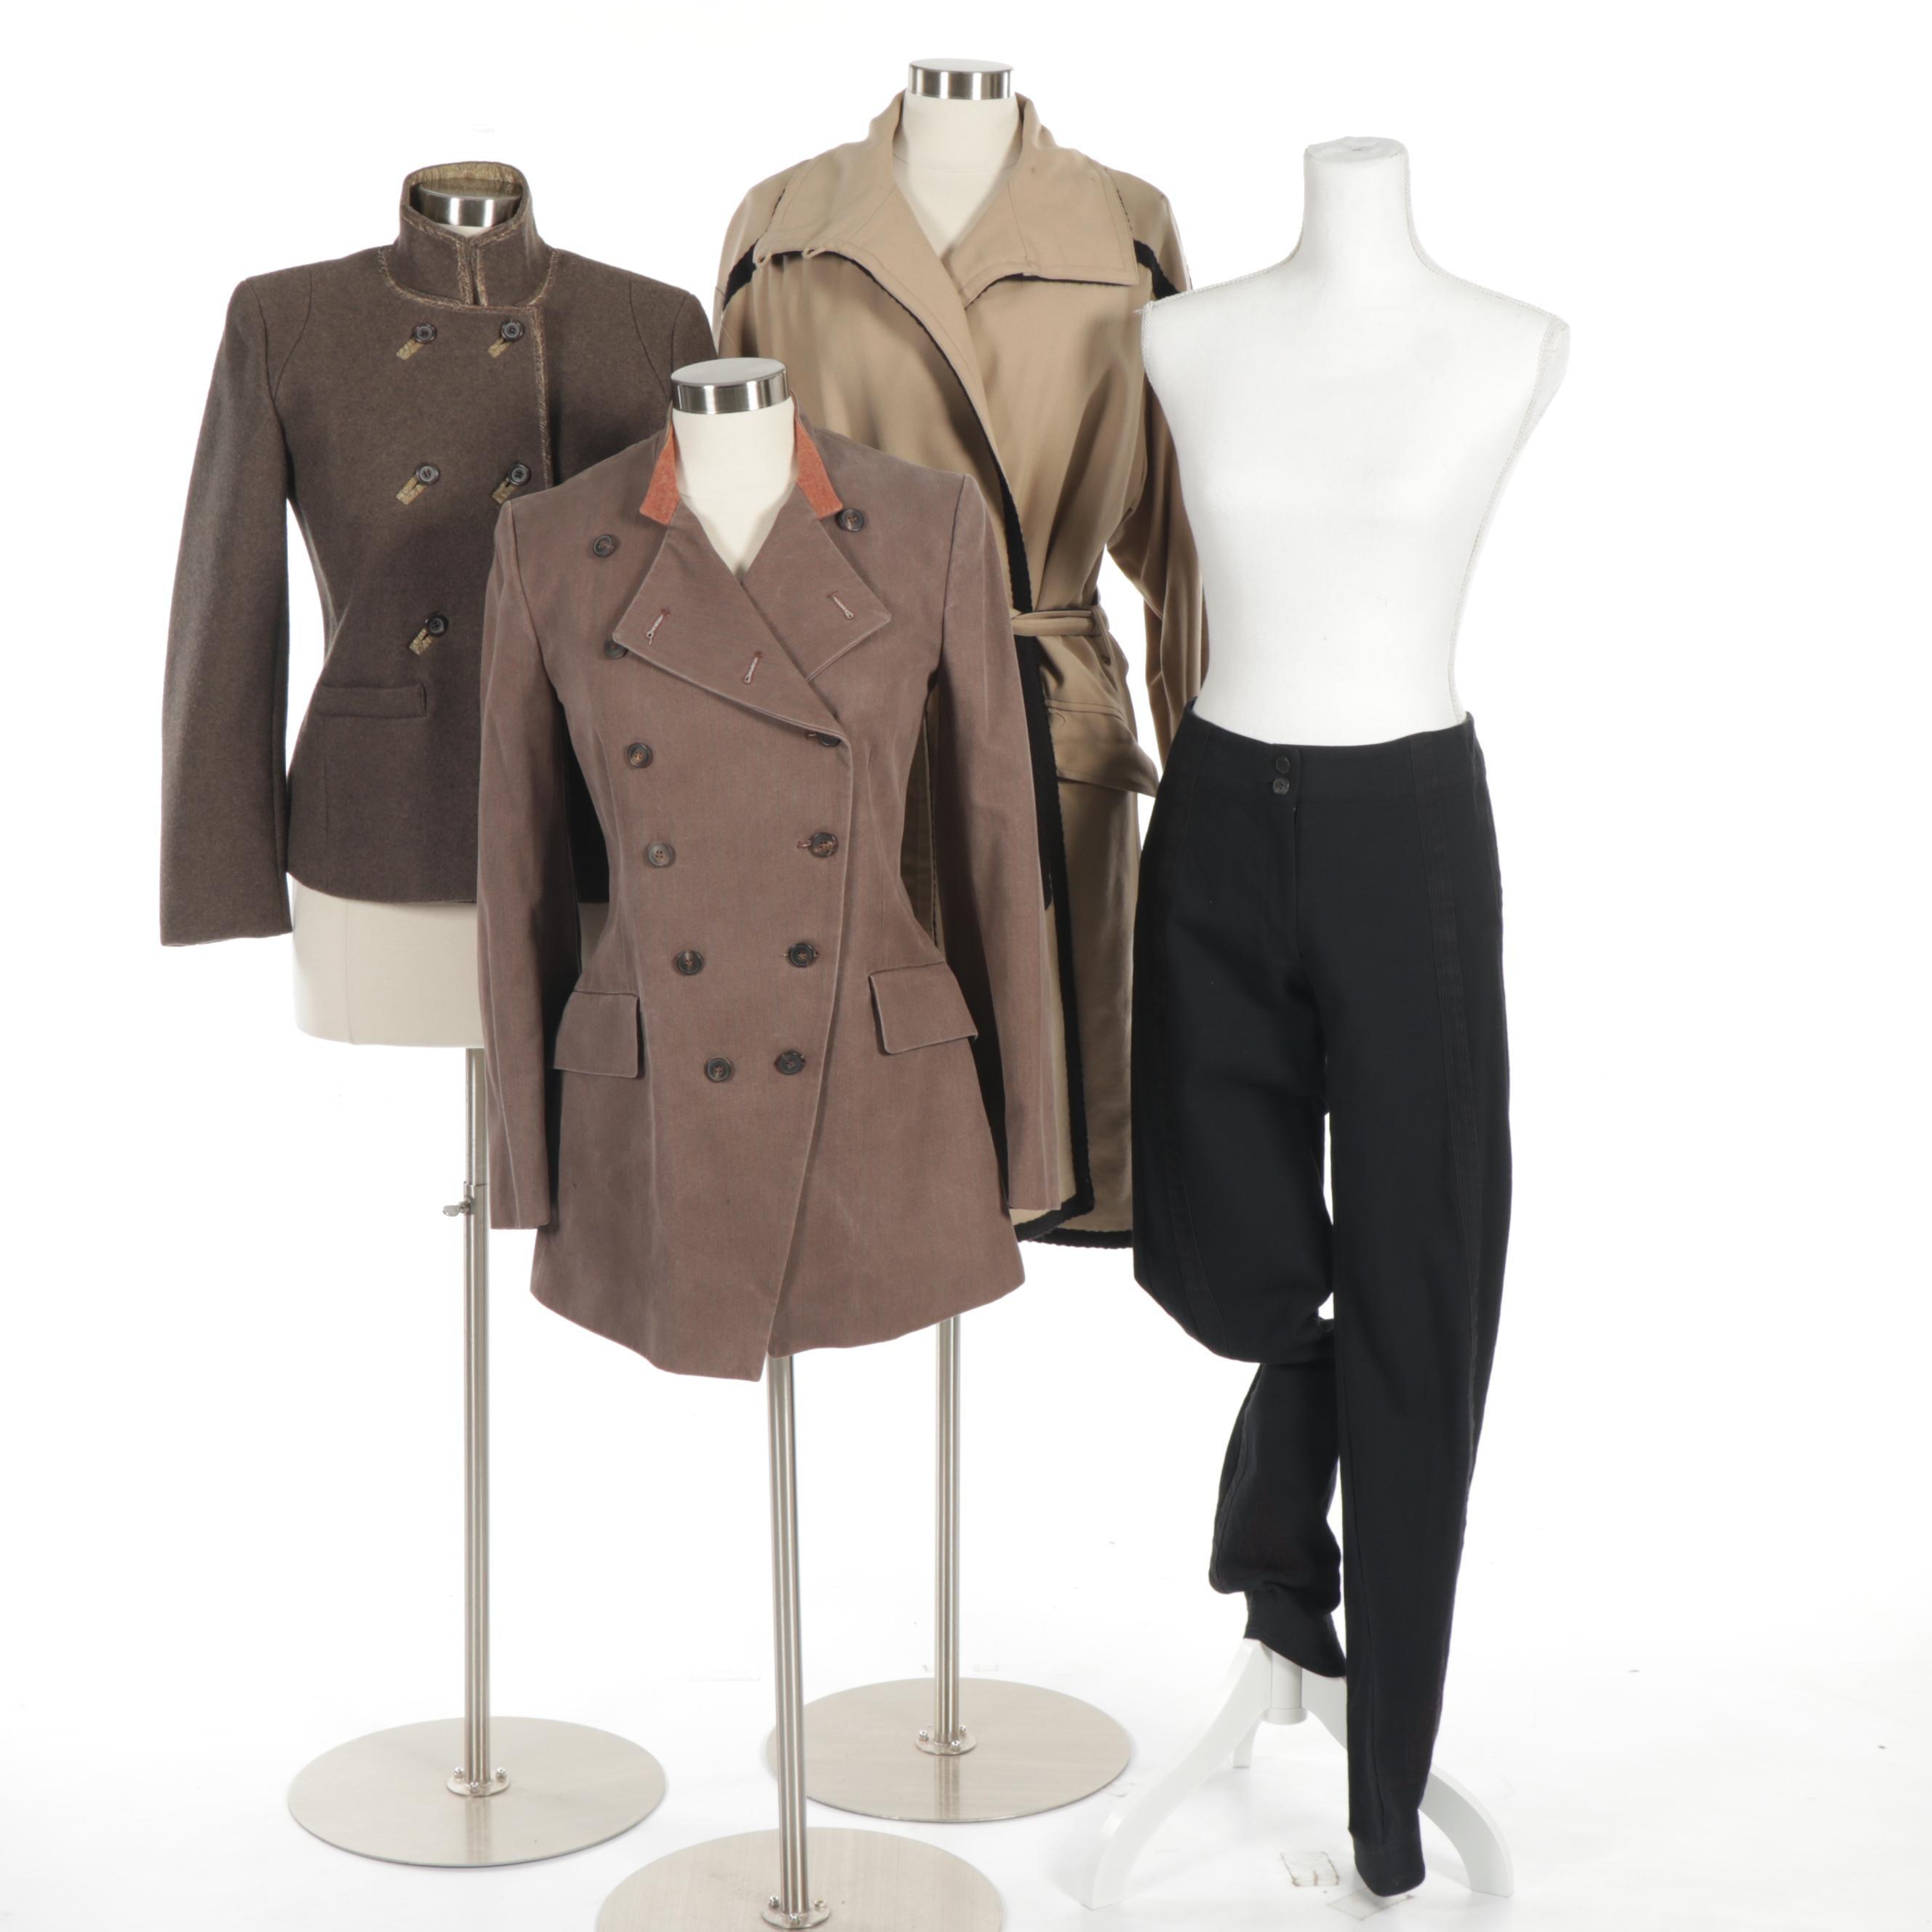 Women's Dries Van Noten Wool and Cotton Coats and Pants